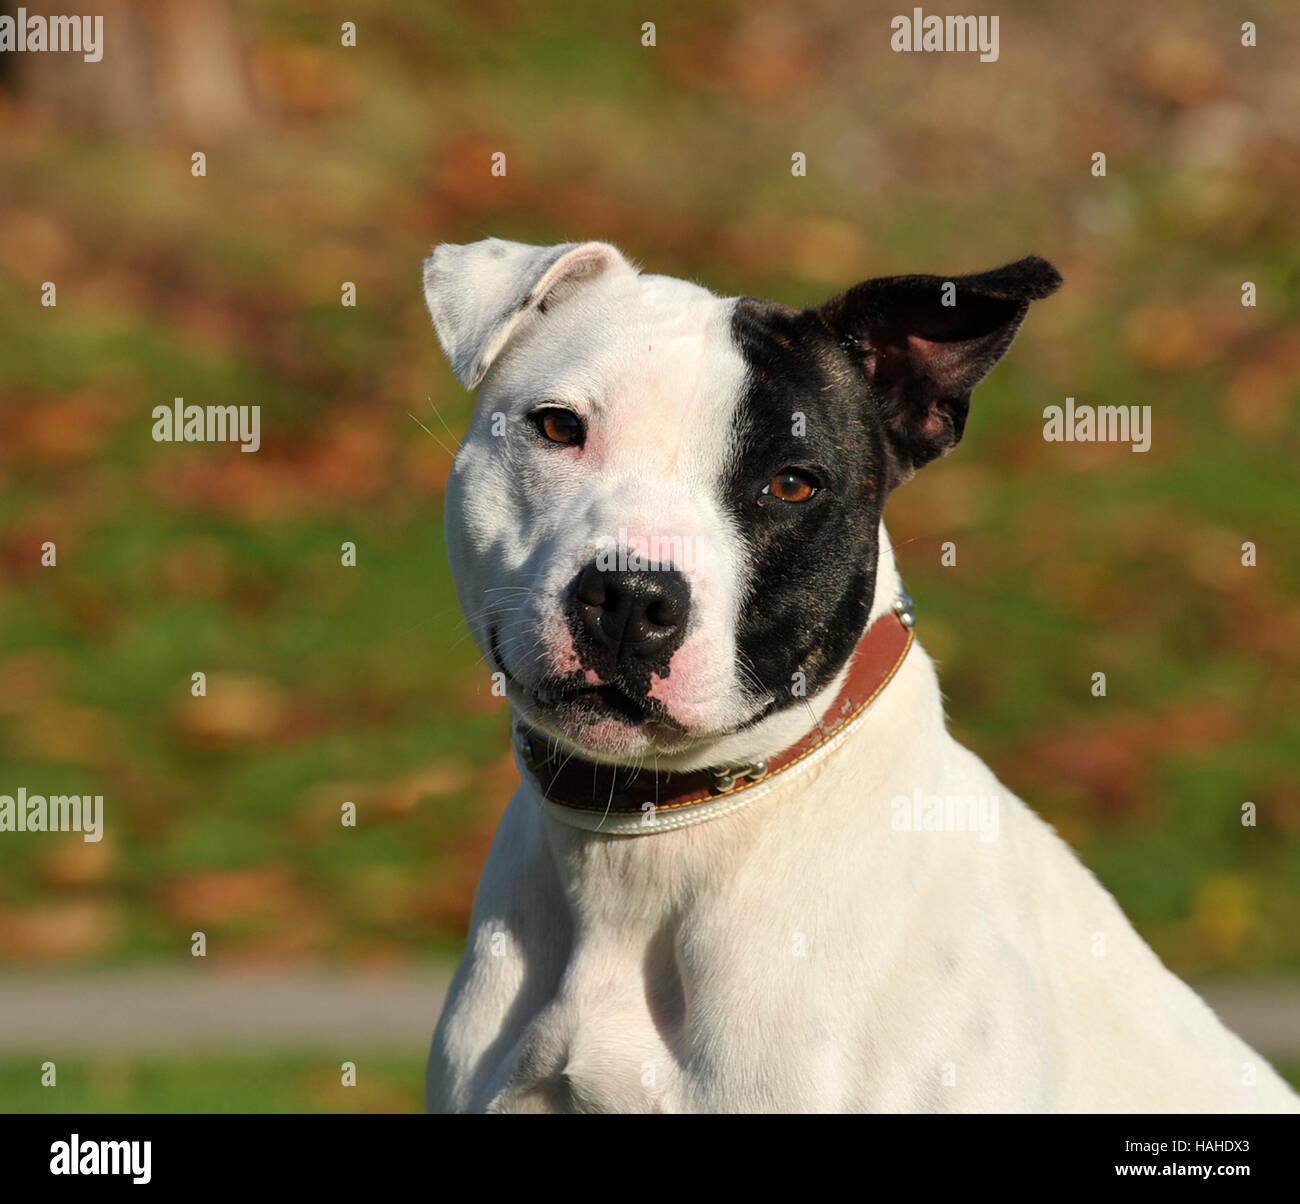 staffordshire bull terrier uk - Stock Image